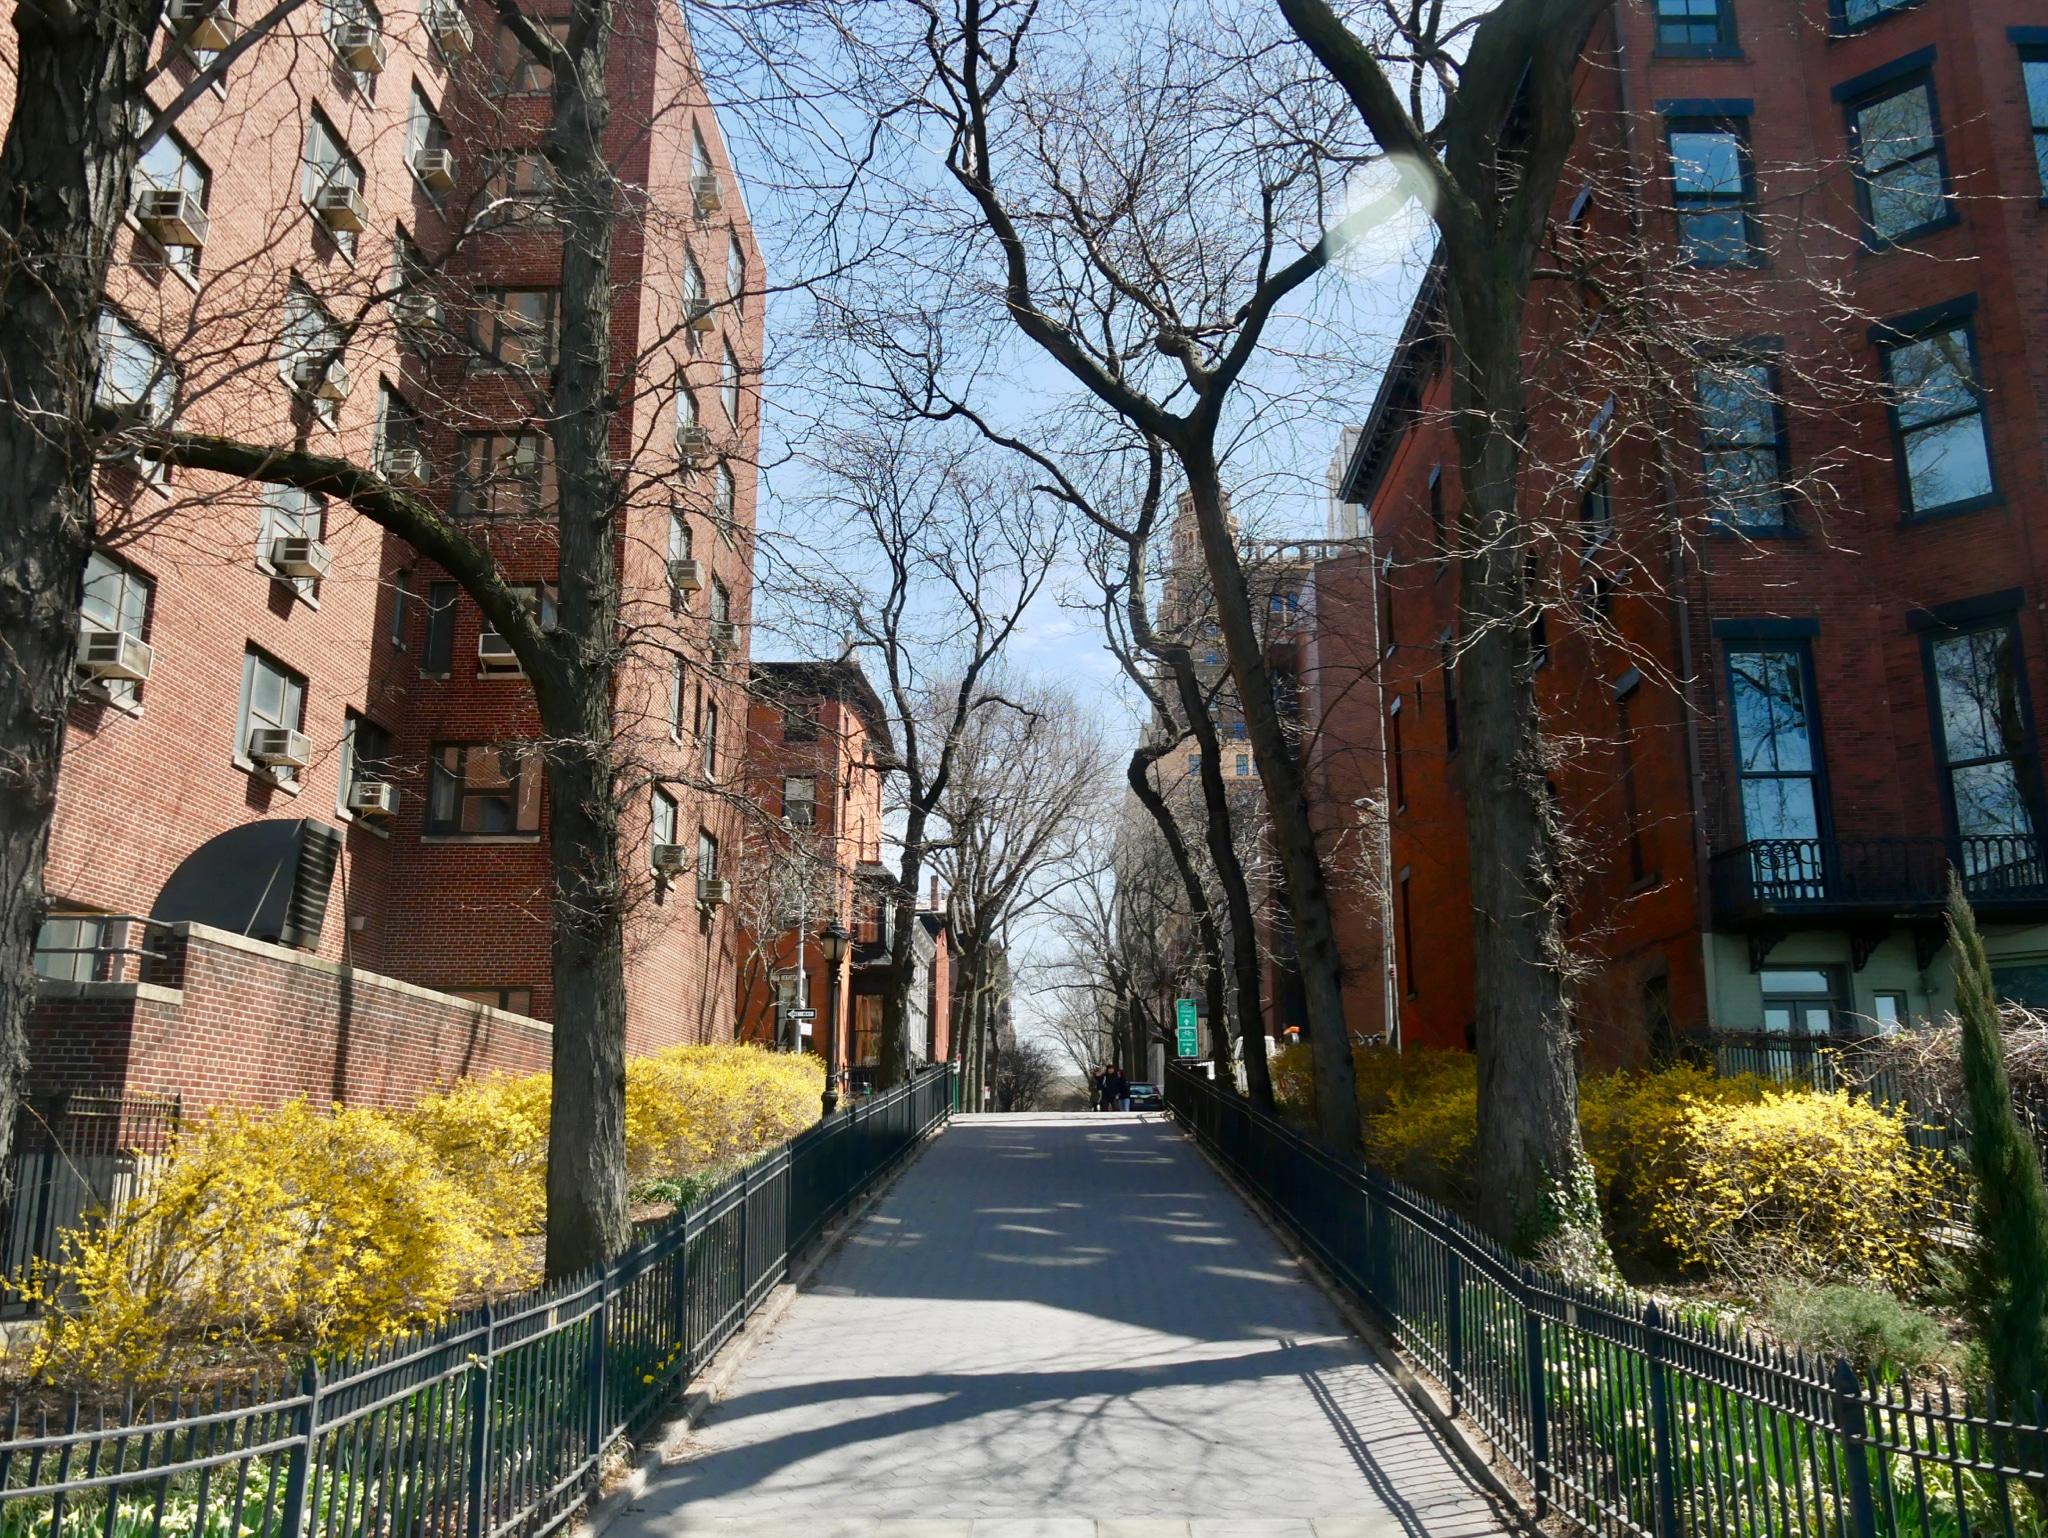 New York - Jour 3 - Découverte des quartiers de Brooklyn et Dumbo 2